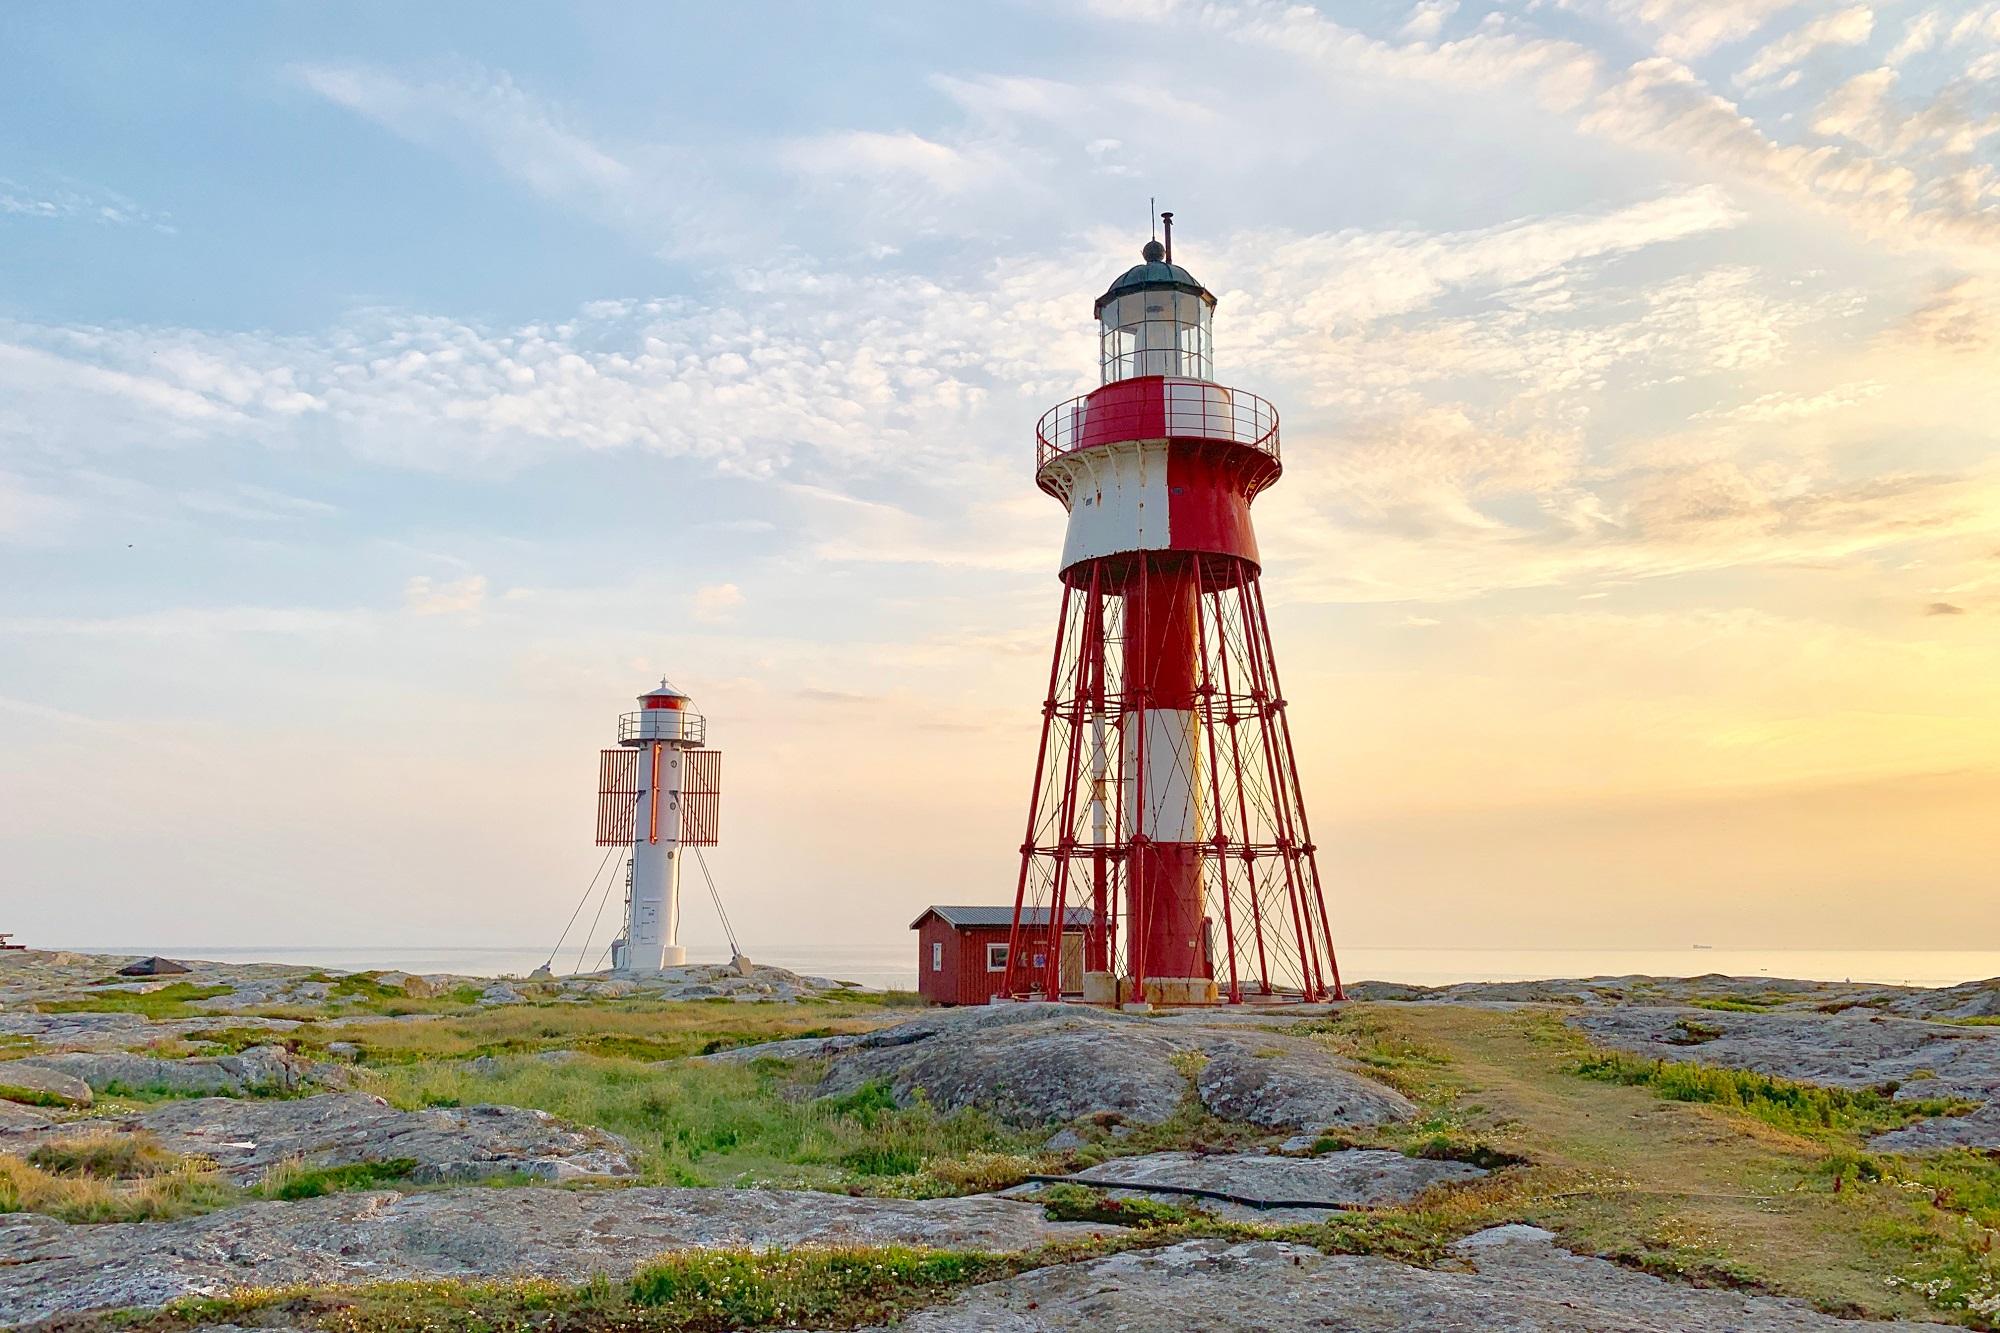 Bāka, Skandināvija, Zviedrija, ceļojums, eksursija, ko redzēt zviedrijā, kuģu navigācija